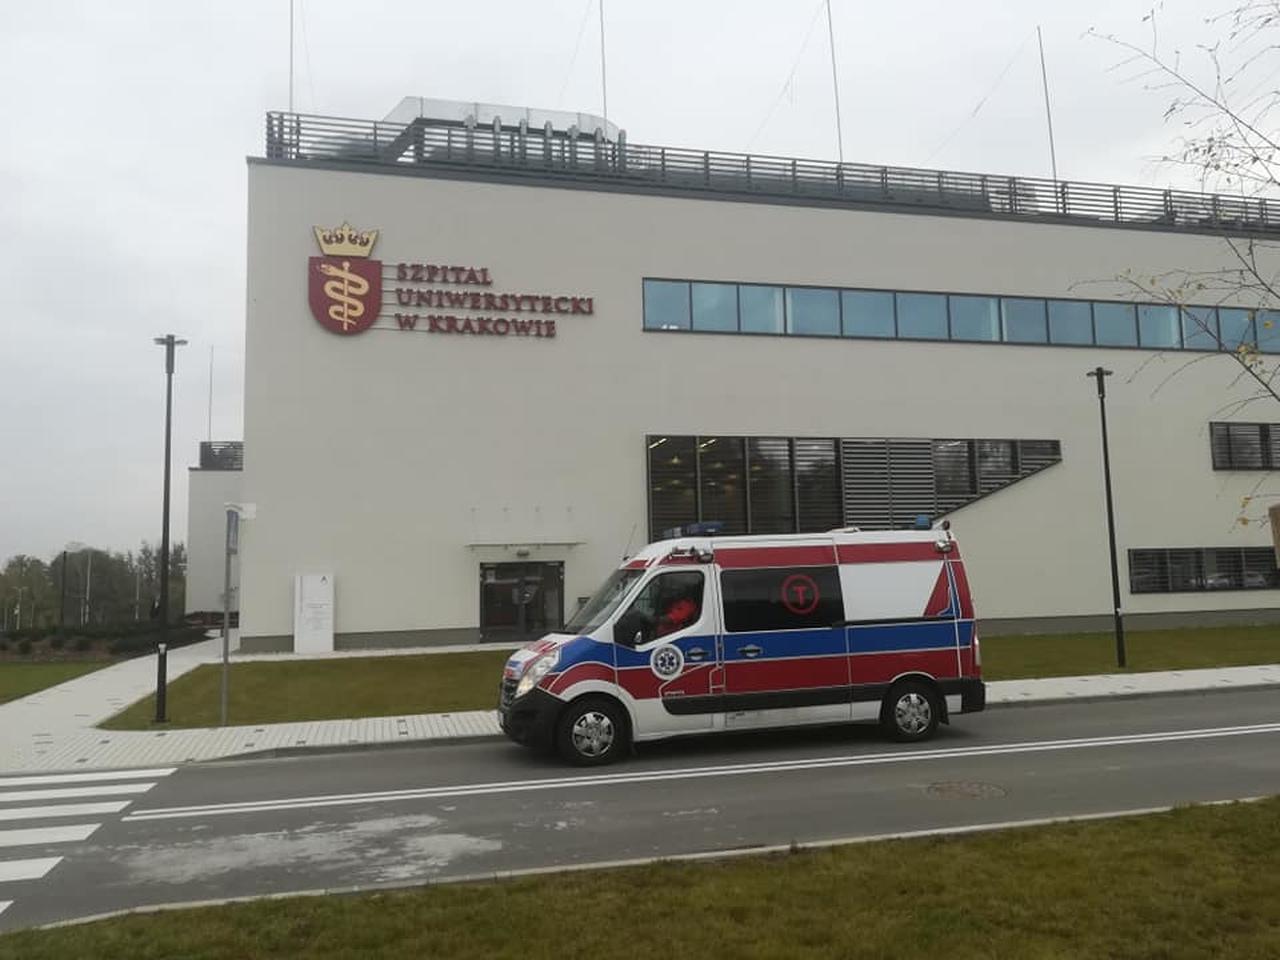 Koronawirus w Krakowie. Dwa oddziały Szpitala Uniwersyteckiego objęte kwarantanną. Kolejne przypadki zakażenia w Małopolsce, w tej grupie jest poseł Siarka